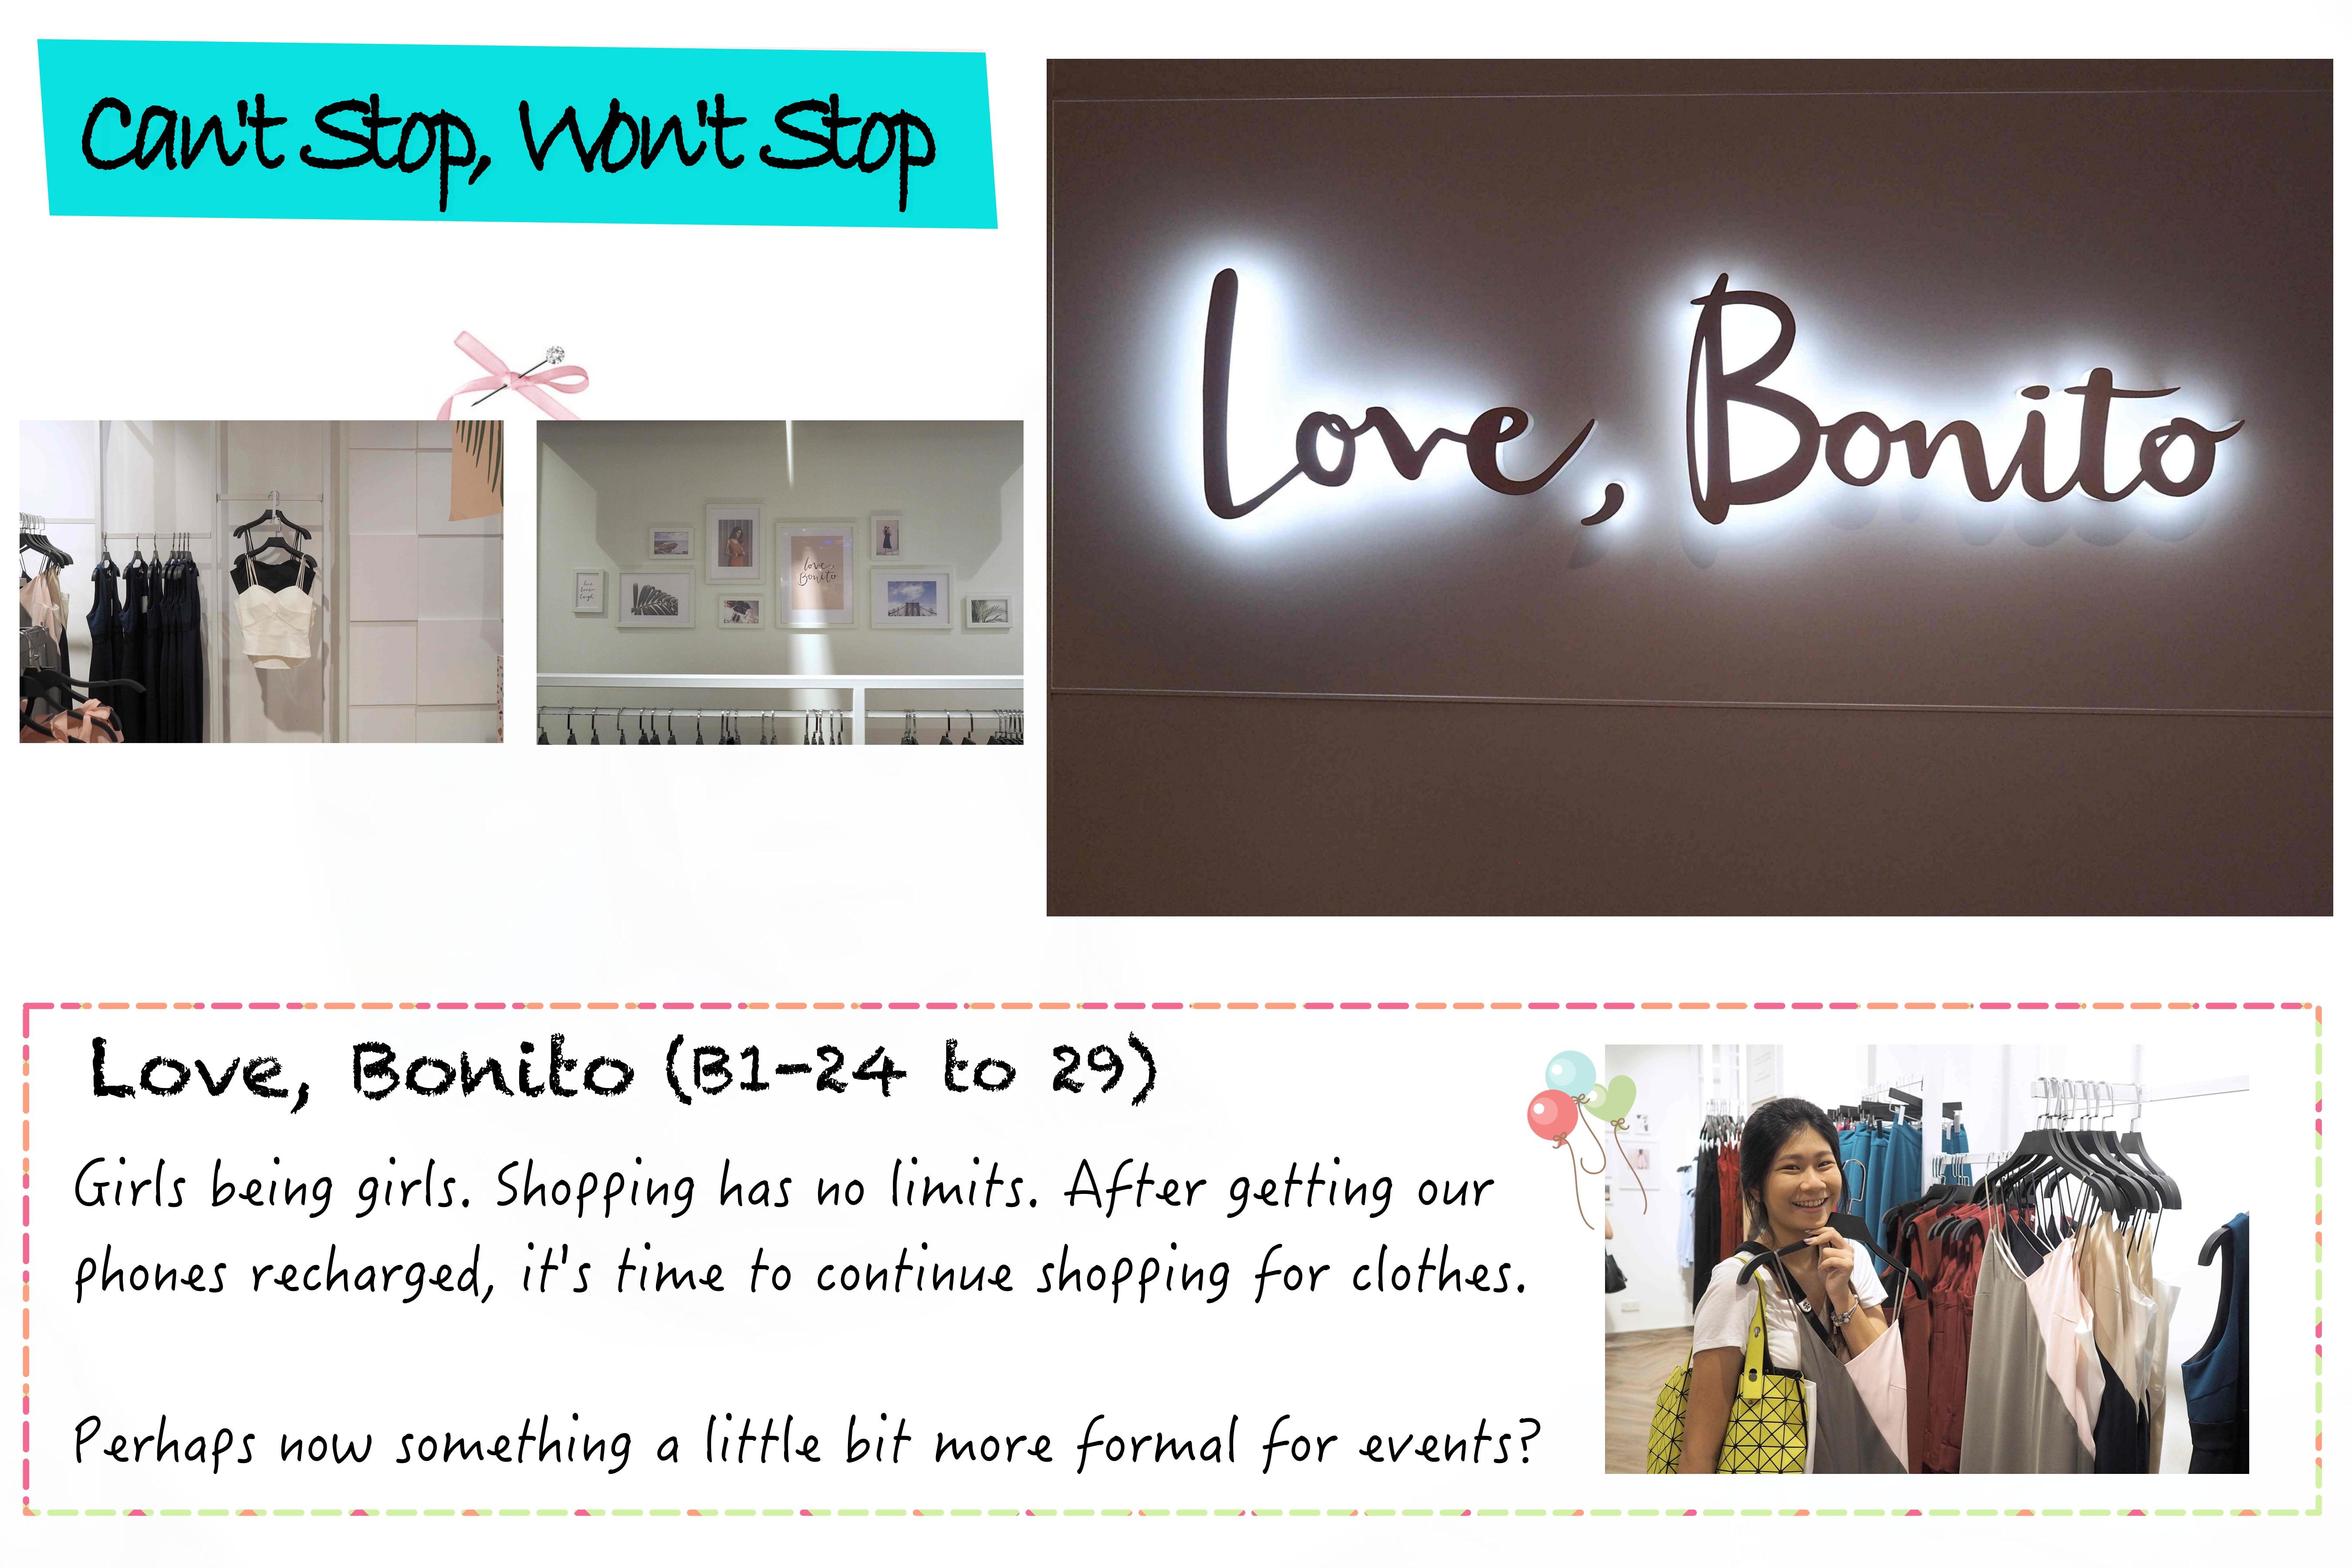 Love, Bonito 11